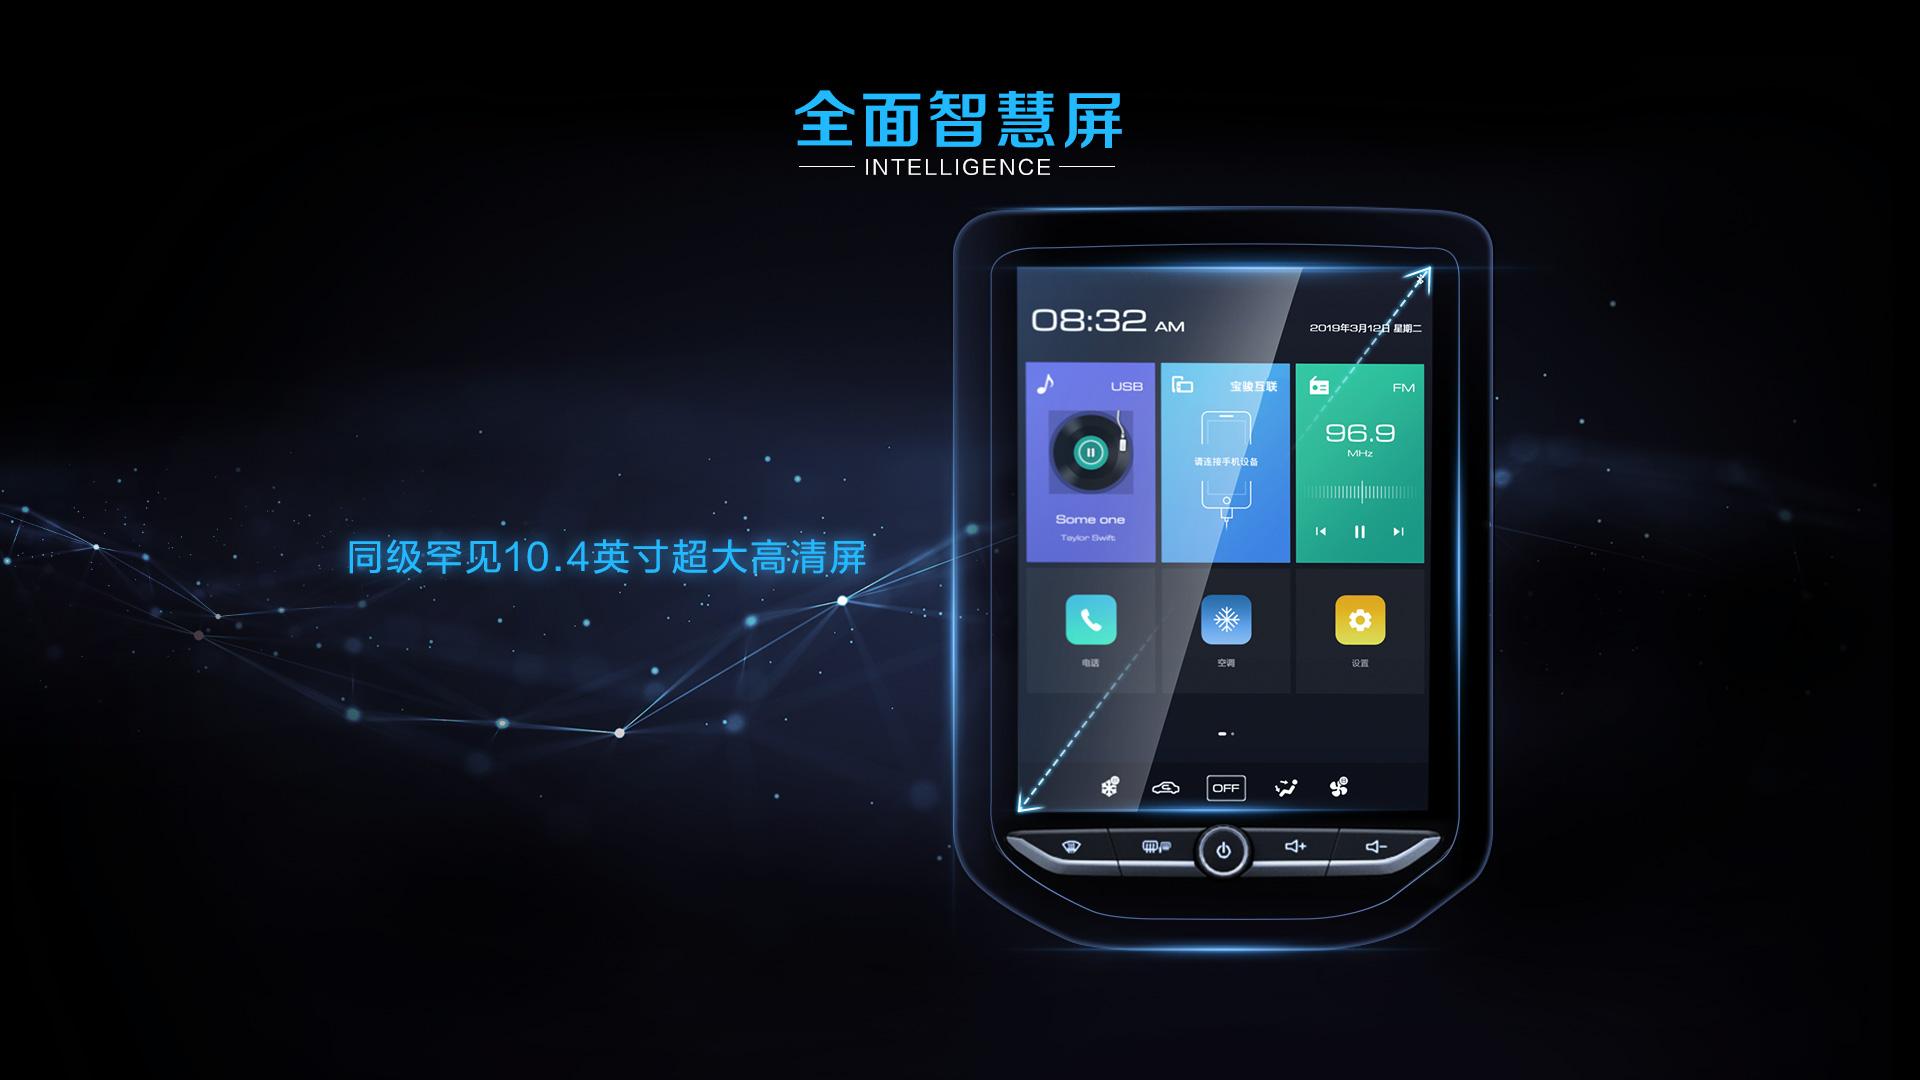 寶(bao)駿530,2020款,智能(neng)車聯網,智慧屏